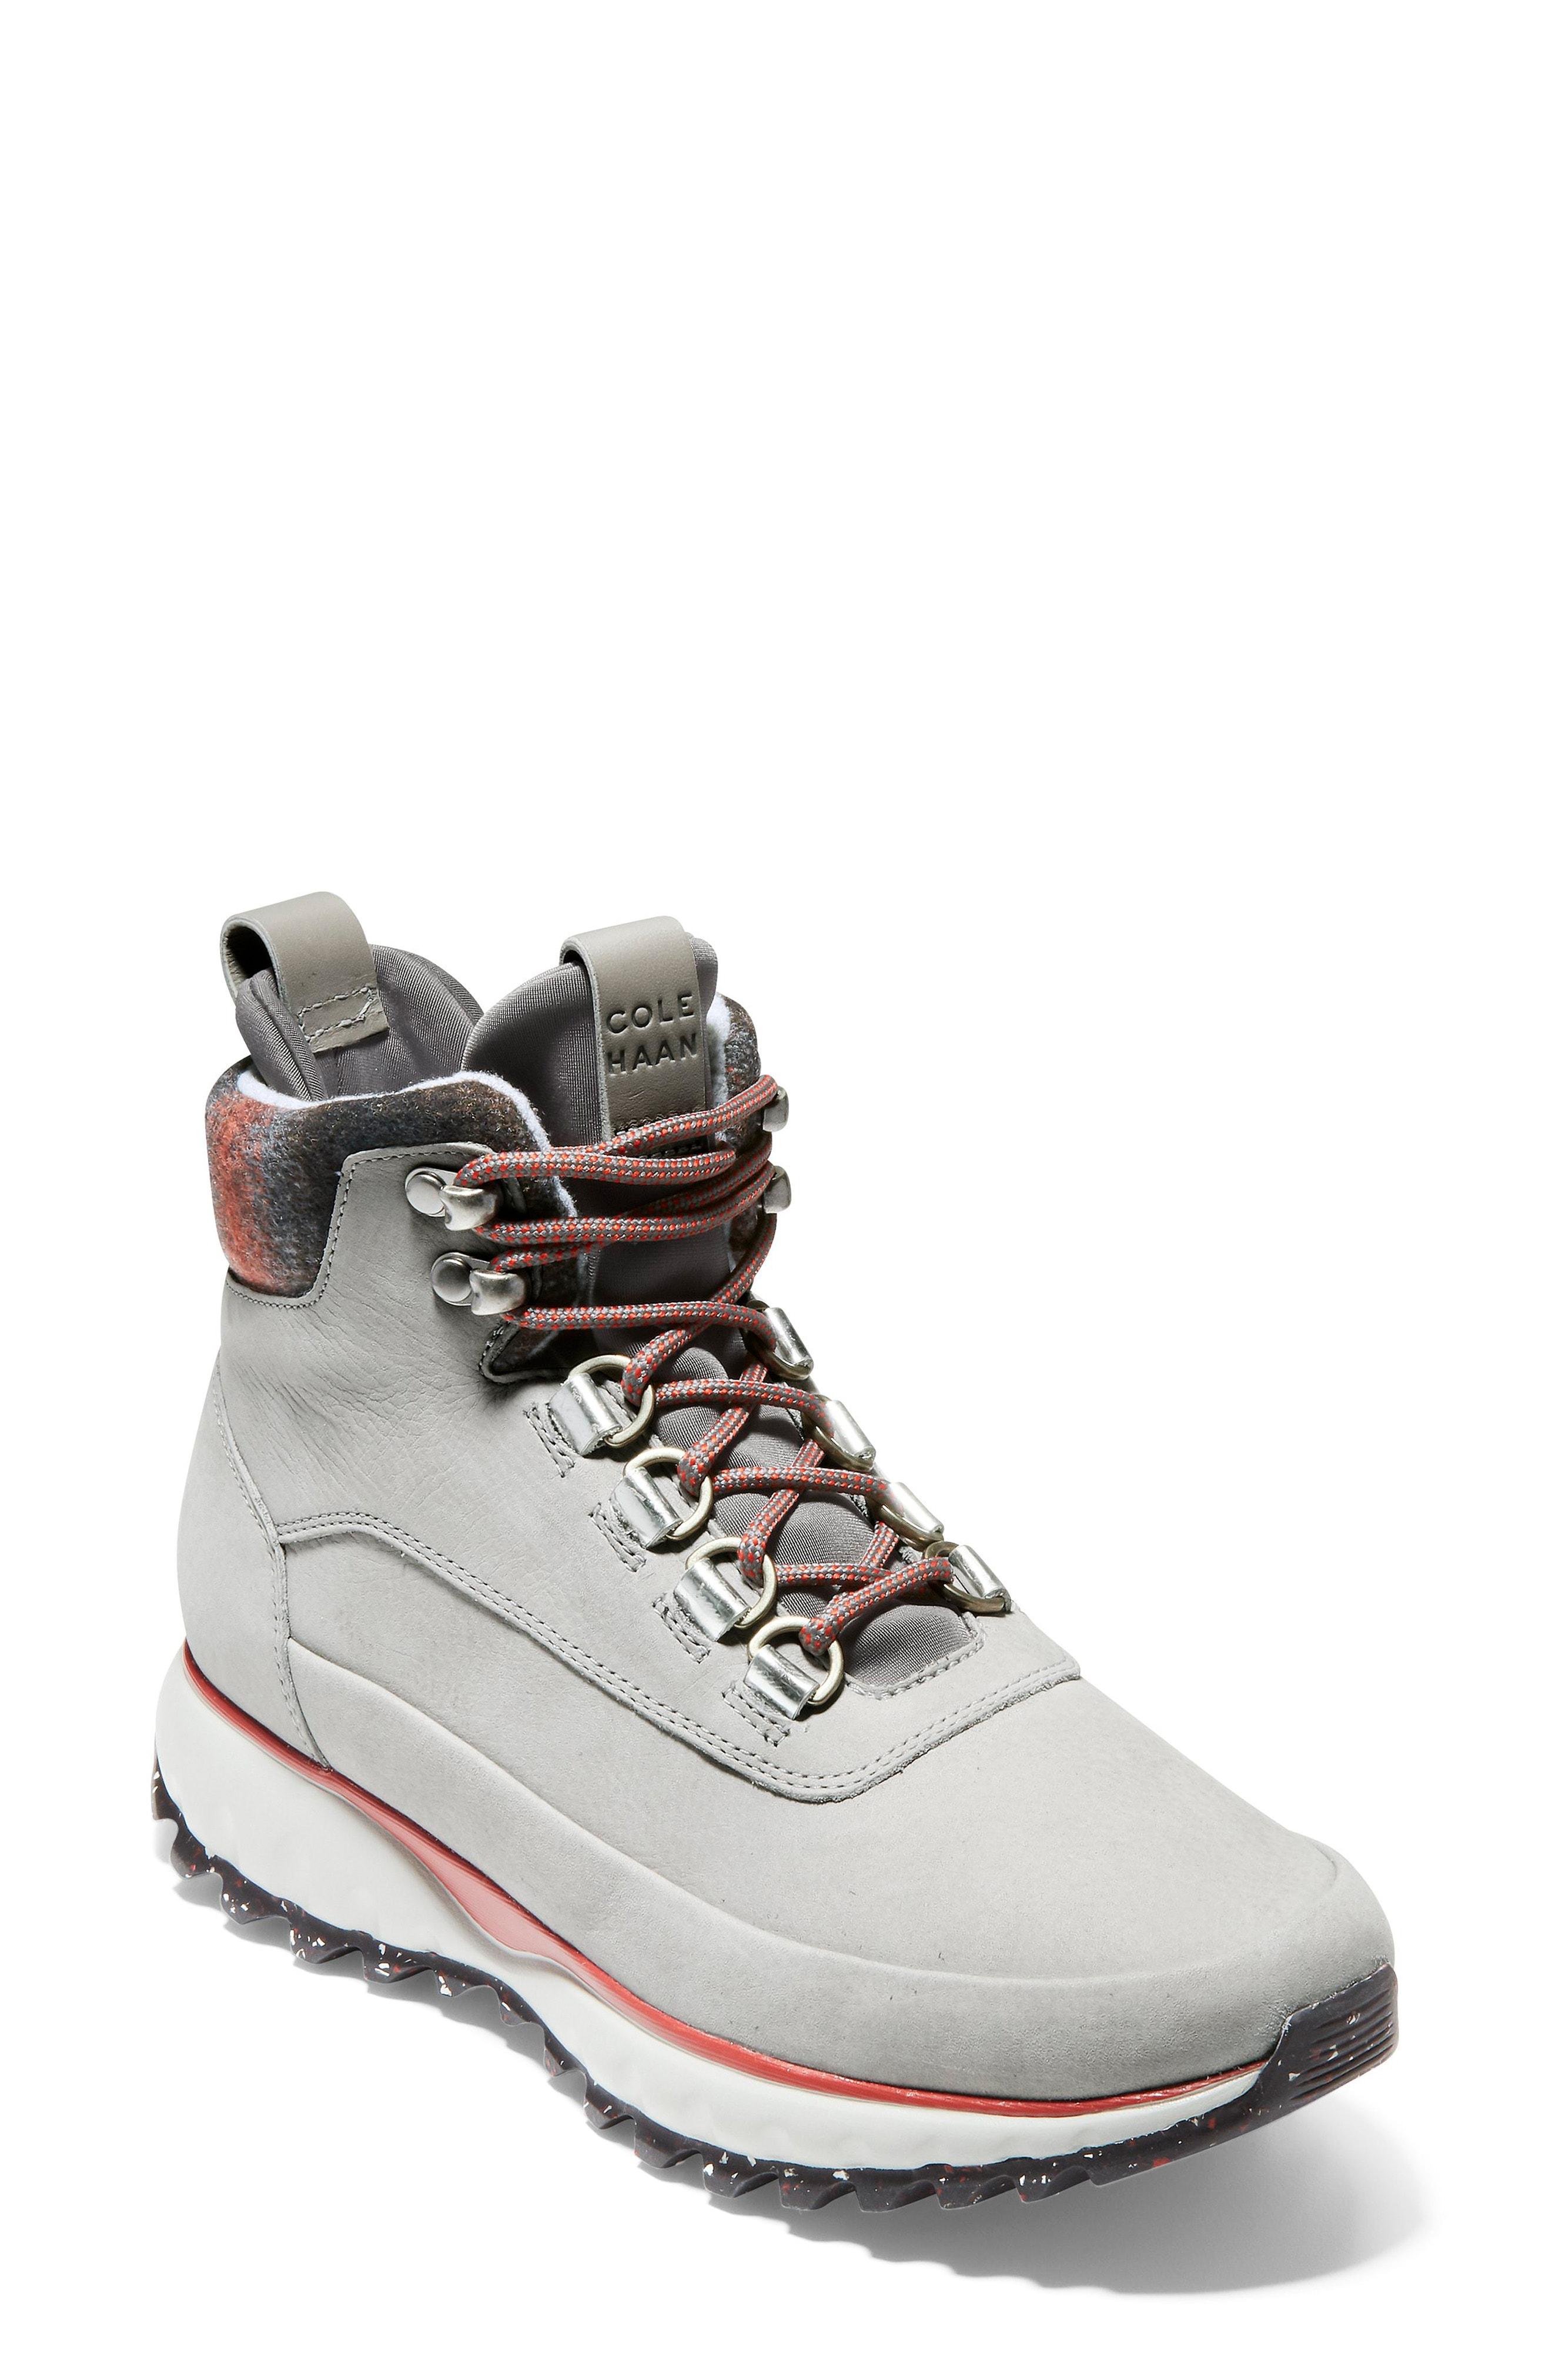 Cole Haan GrandExplore All Terrain Waterproof Hiking Boot (Women)